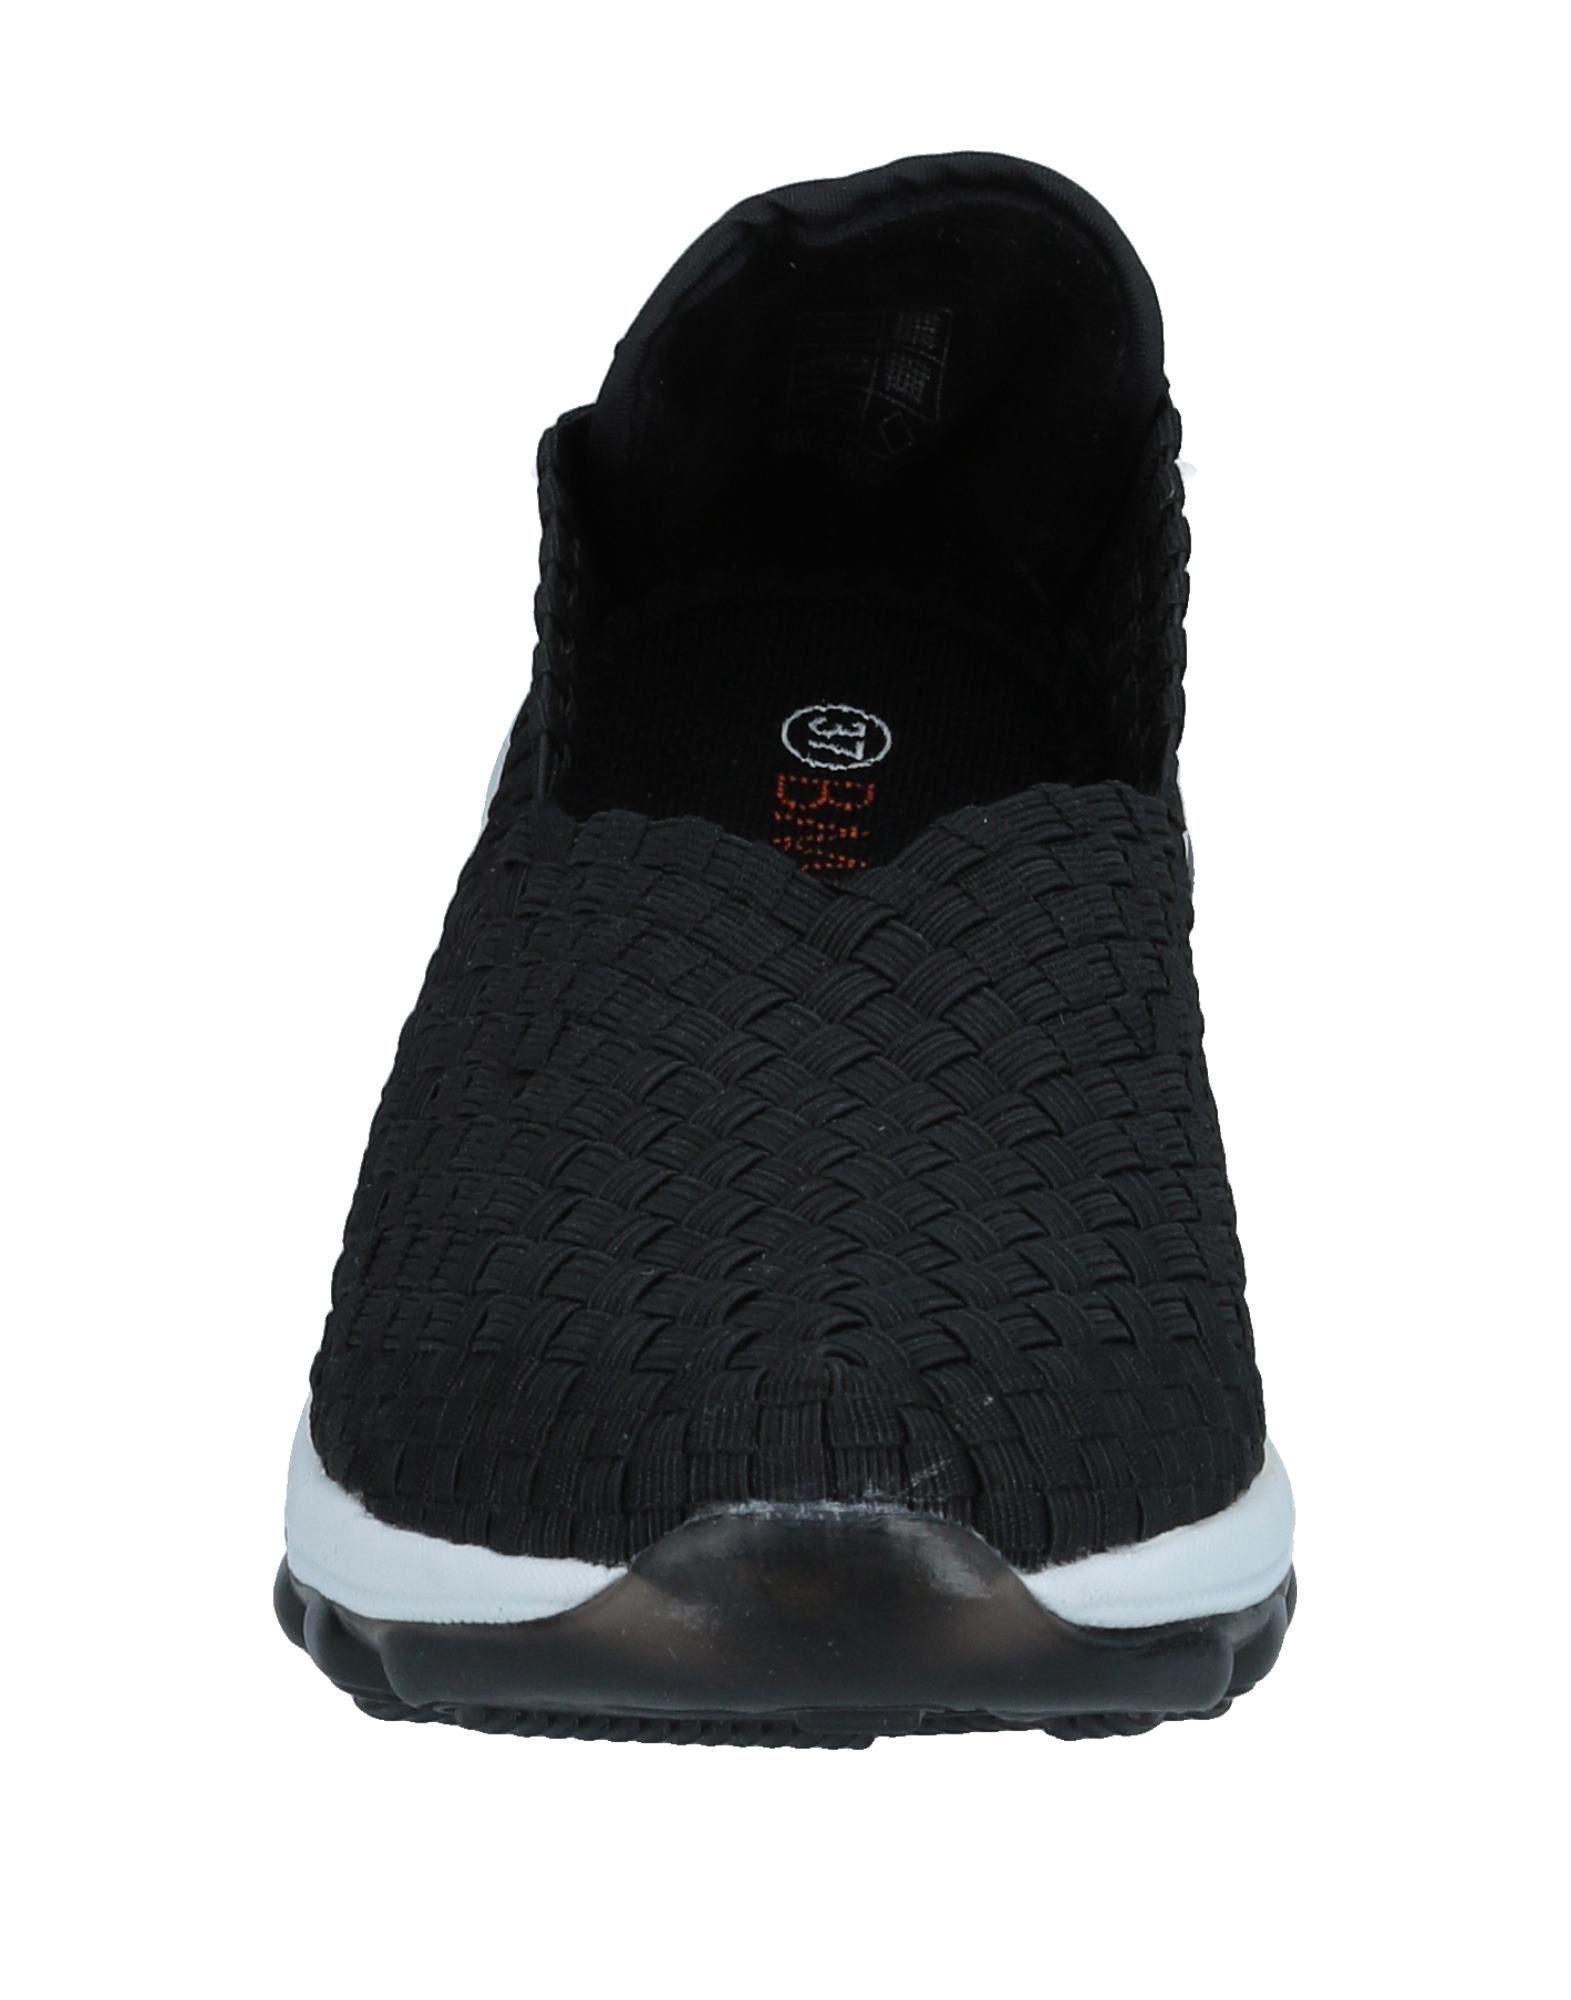 Sneakers & Deportivas Bernie Mev de Caucho de color Negro